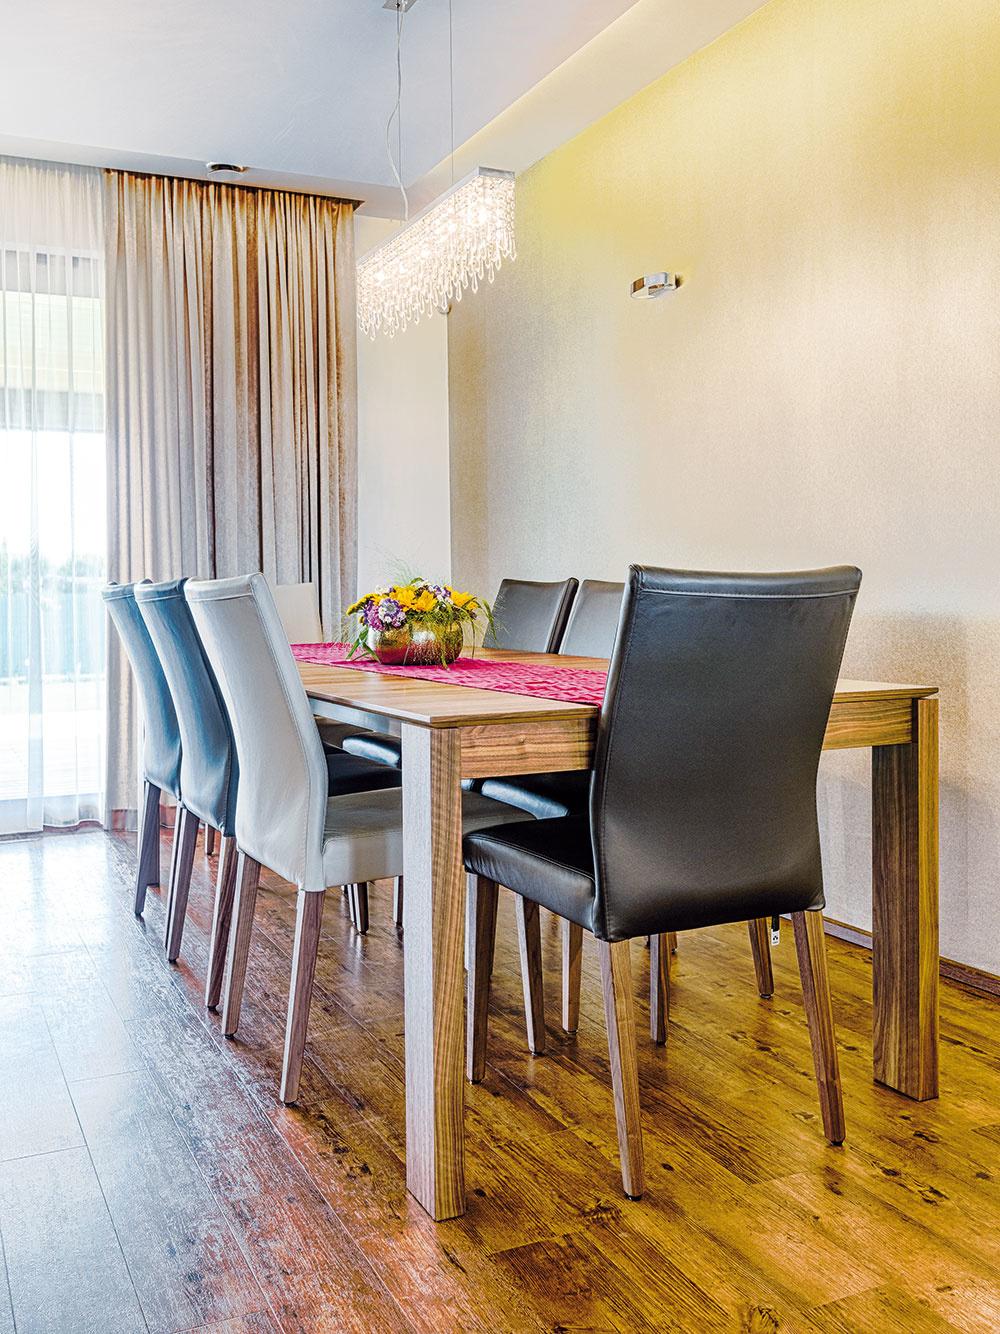 Veľký jedálenský stôl jednoducho patrí k rodinnému domu, najmä ak v ňom žije spoločenská rodina. Pani Danka hovorí, že ten ich je zázračný – vďaka premyslenému systému rozkladania môže veľmi jednoducho – jednou rukou – zmeniť jeho veľkosť tak, aby k nemu usadila šesť, osem alebo desať ľudí. Možnosti rozkladania sa dajú dokonca upraviť aj dodatočne – dokúpením príslušných dielov.